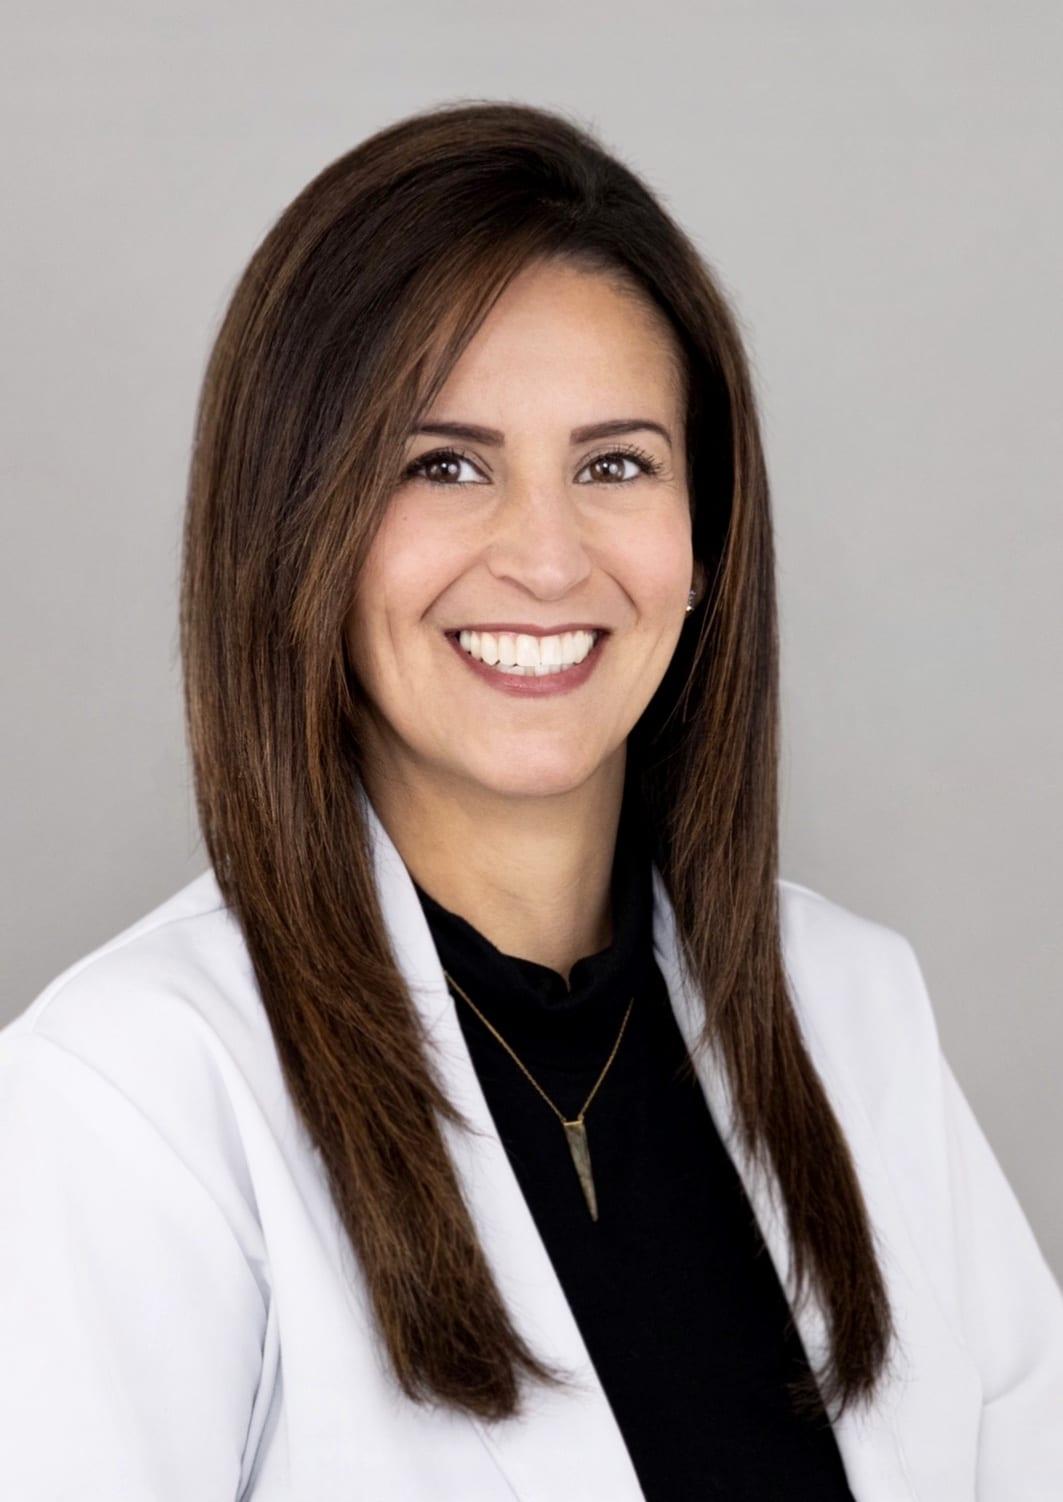 Janine Ramirez